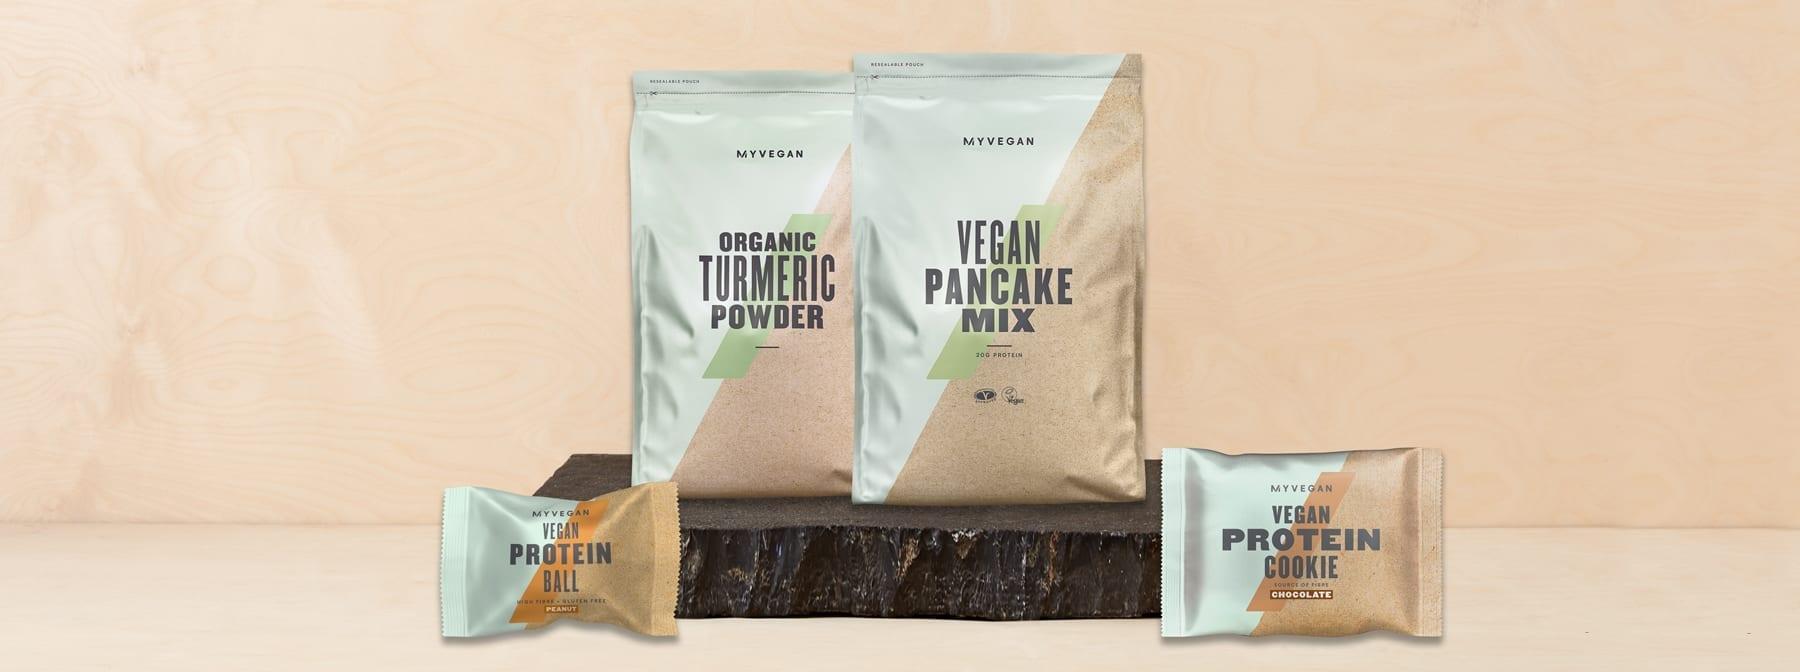 NOURISH - Ich NÄHRE meinen Körper | 4 pflanzliche Supplemente zur Anreicherung deiner Ernährung